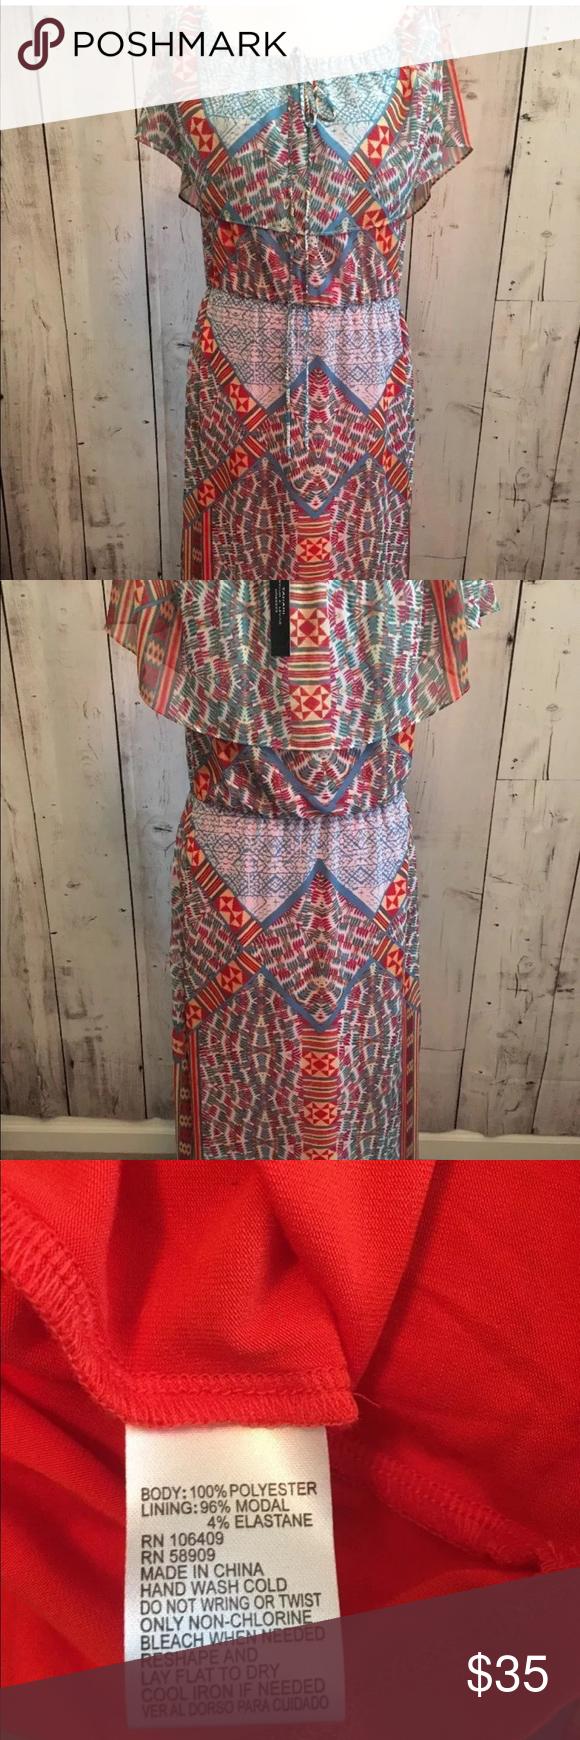 Tahari Arthur S Levine Nwt Ruffle Maxi Dress Ruffled Maxi Dress Boutique Maxi Dresses Maxi Dress [ 1740 x 580 Pixel ]